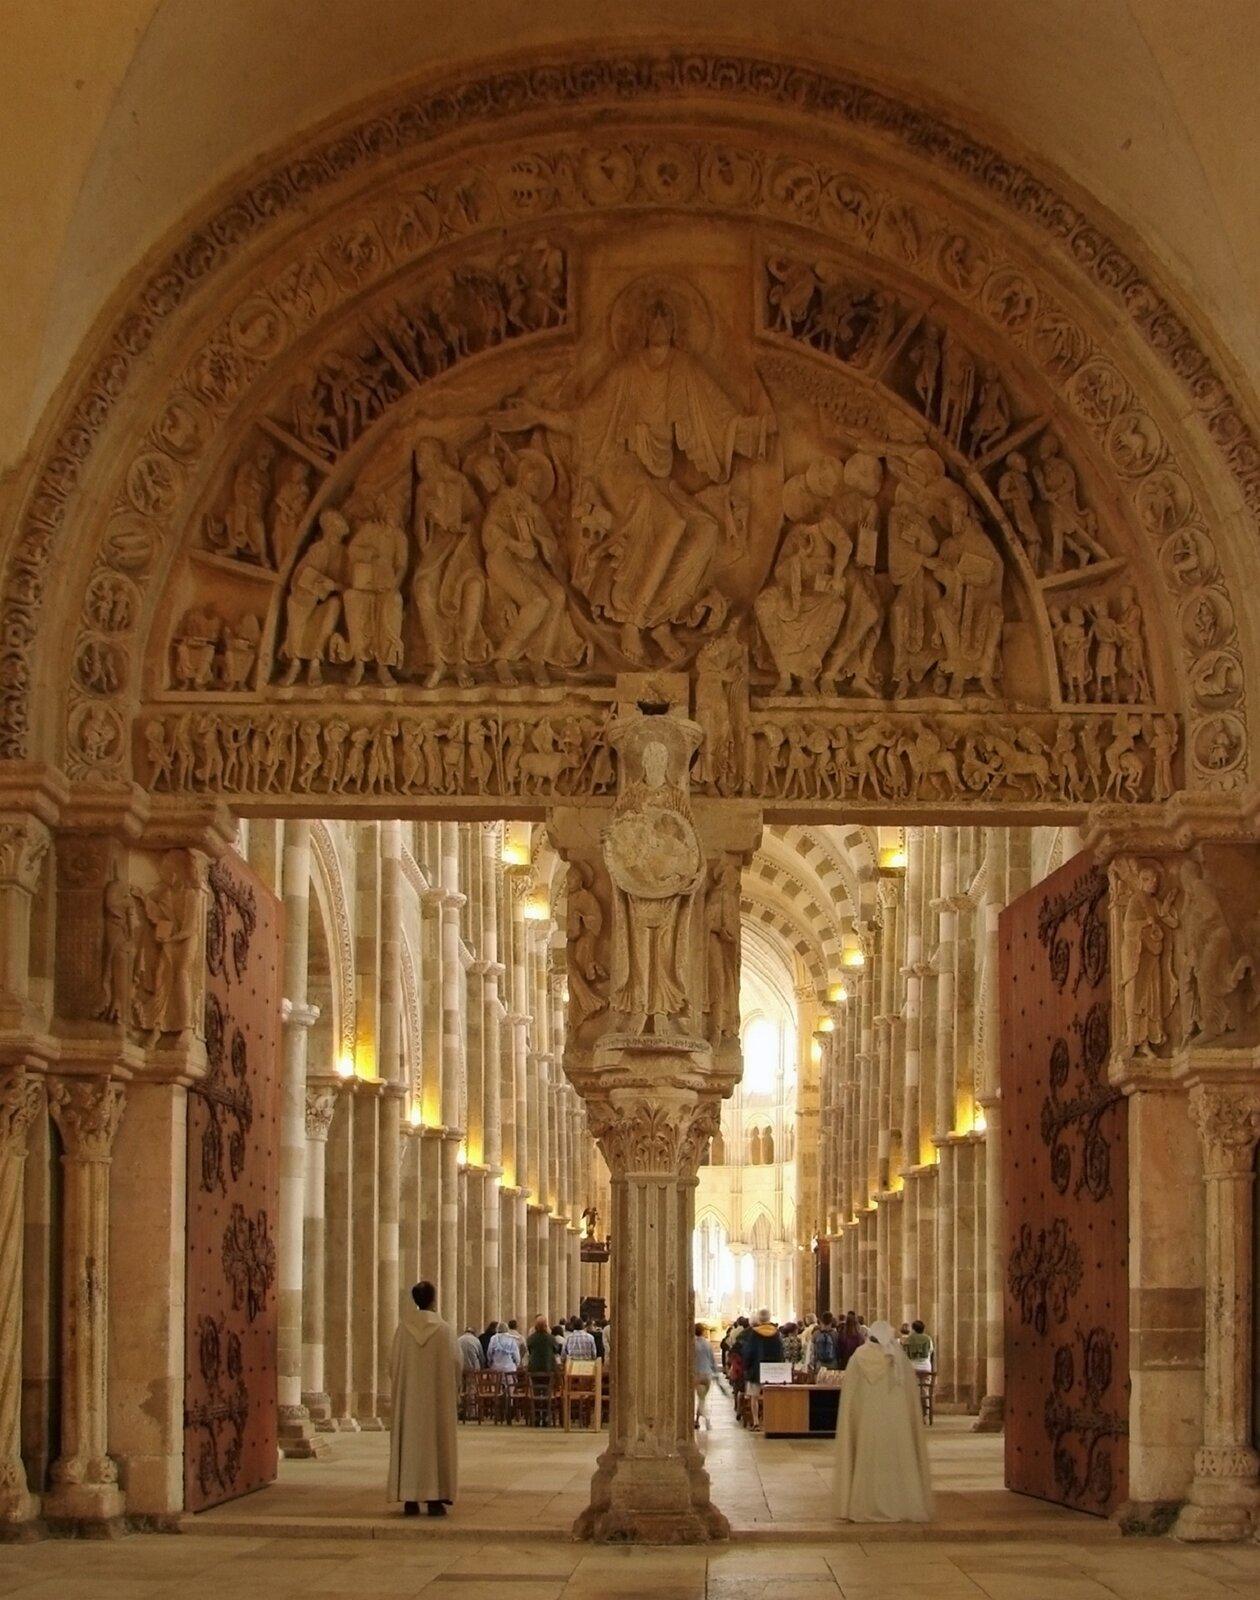 Ilustracja okształcie pionowego prostokąta przedstawia portal romański wbazylice św. Marii Magdaleny we Francji. Bazylika pochodzi zXII wieku. Na uwagę zasługuje tympanon dekorowany płaskorzeźbą oraz kolumna dzieląca wejście zrzeźbami figuralnymi. Archiwolty zdobione są motywami roślinnymi ifiguralnymi. Wościeżach znajdują się kolumny zakończone figurami. NA zdjęciu widoczne jest także oświetlone wnętrze zfragmentem sklepienia kolebkowego ifilarami dzielącymi nawę główną od bocznych.